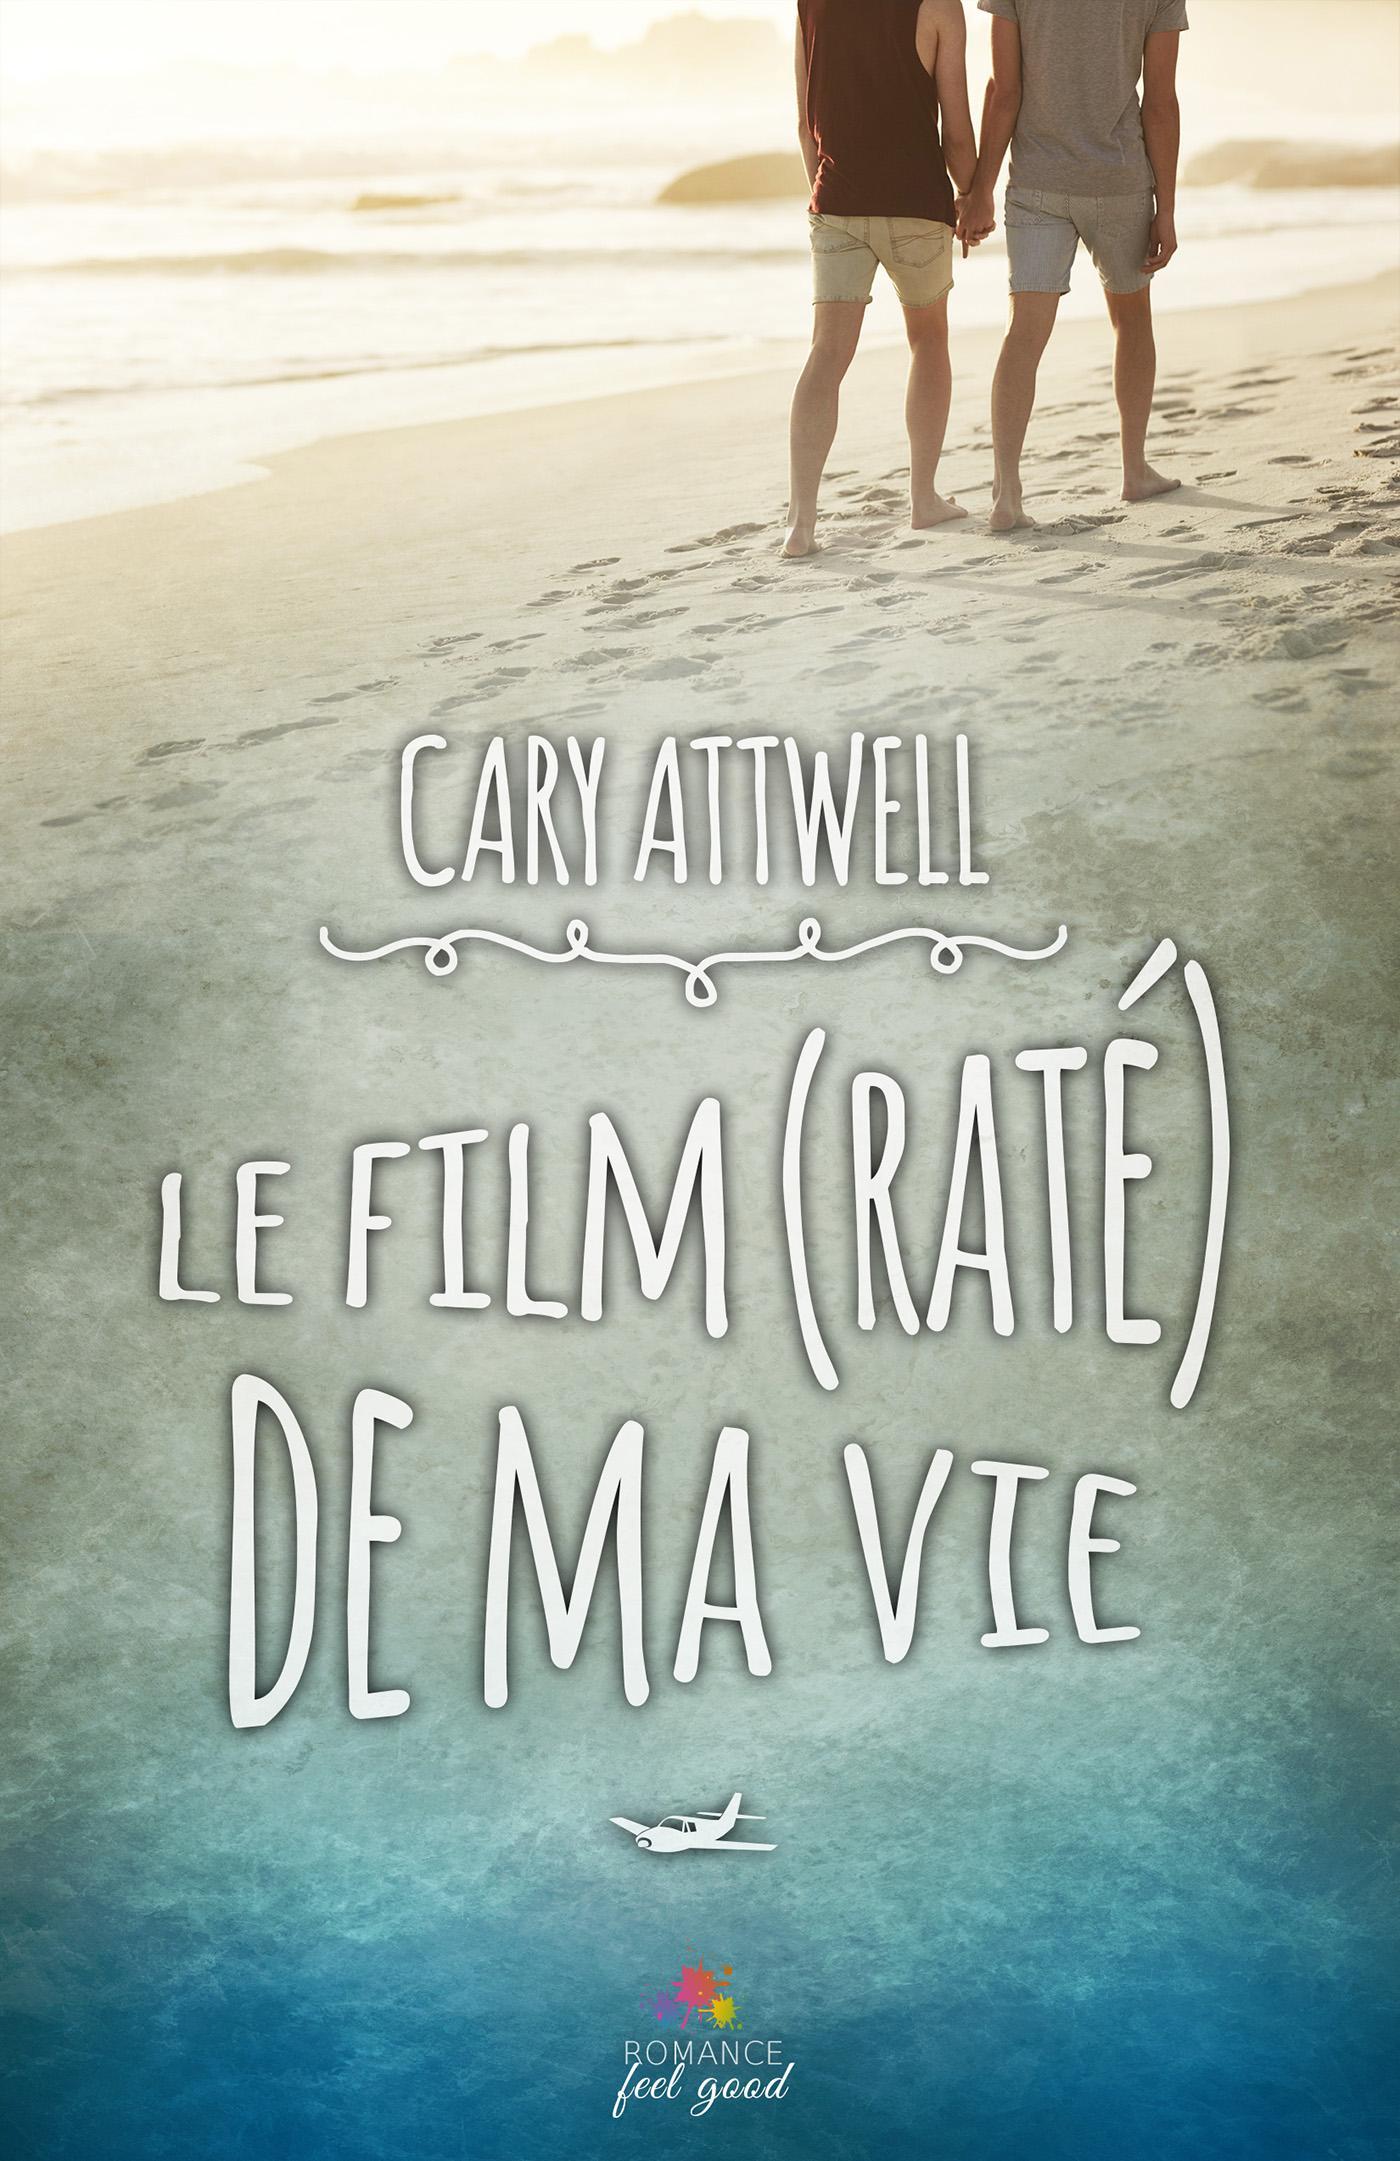 Le film (raté) de ma vie